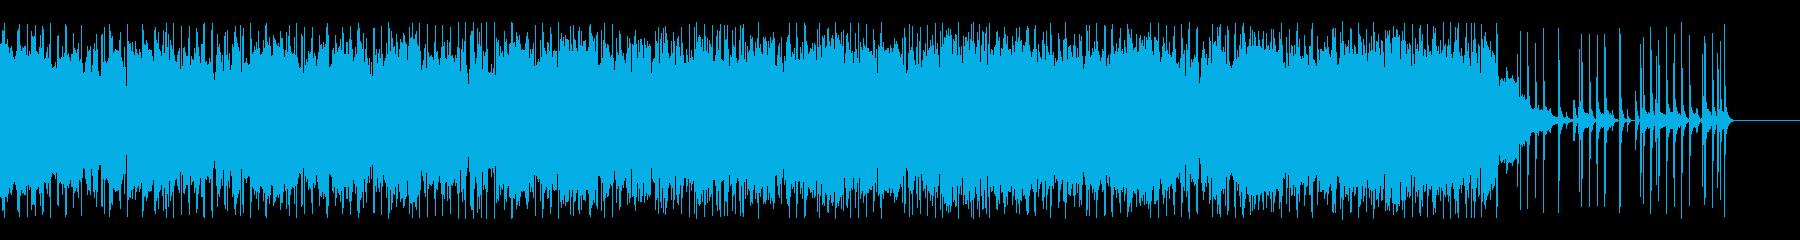 もう一度頑張ろうというイメージのポップスの再生済みの波形